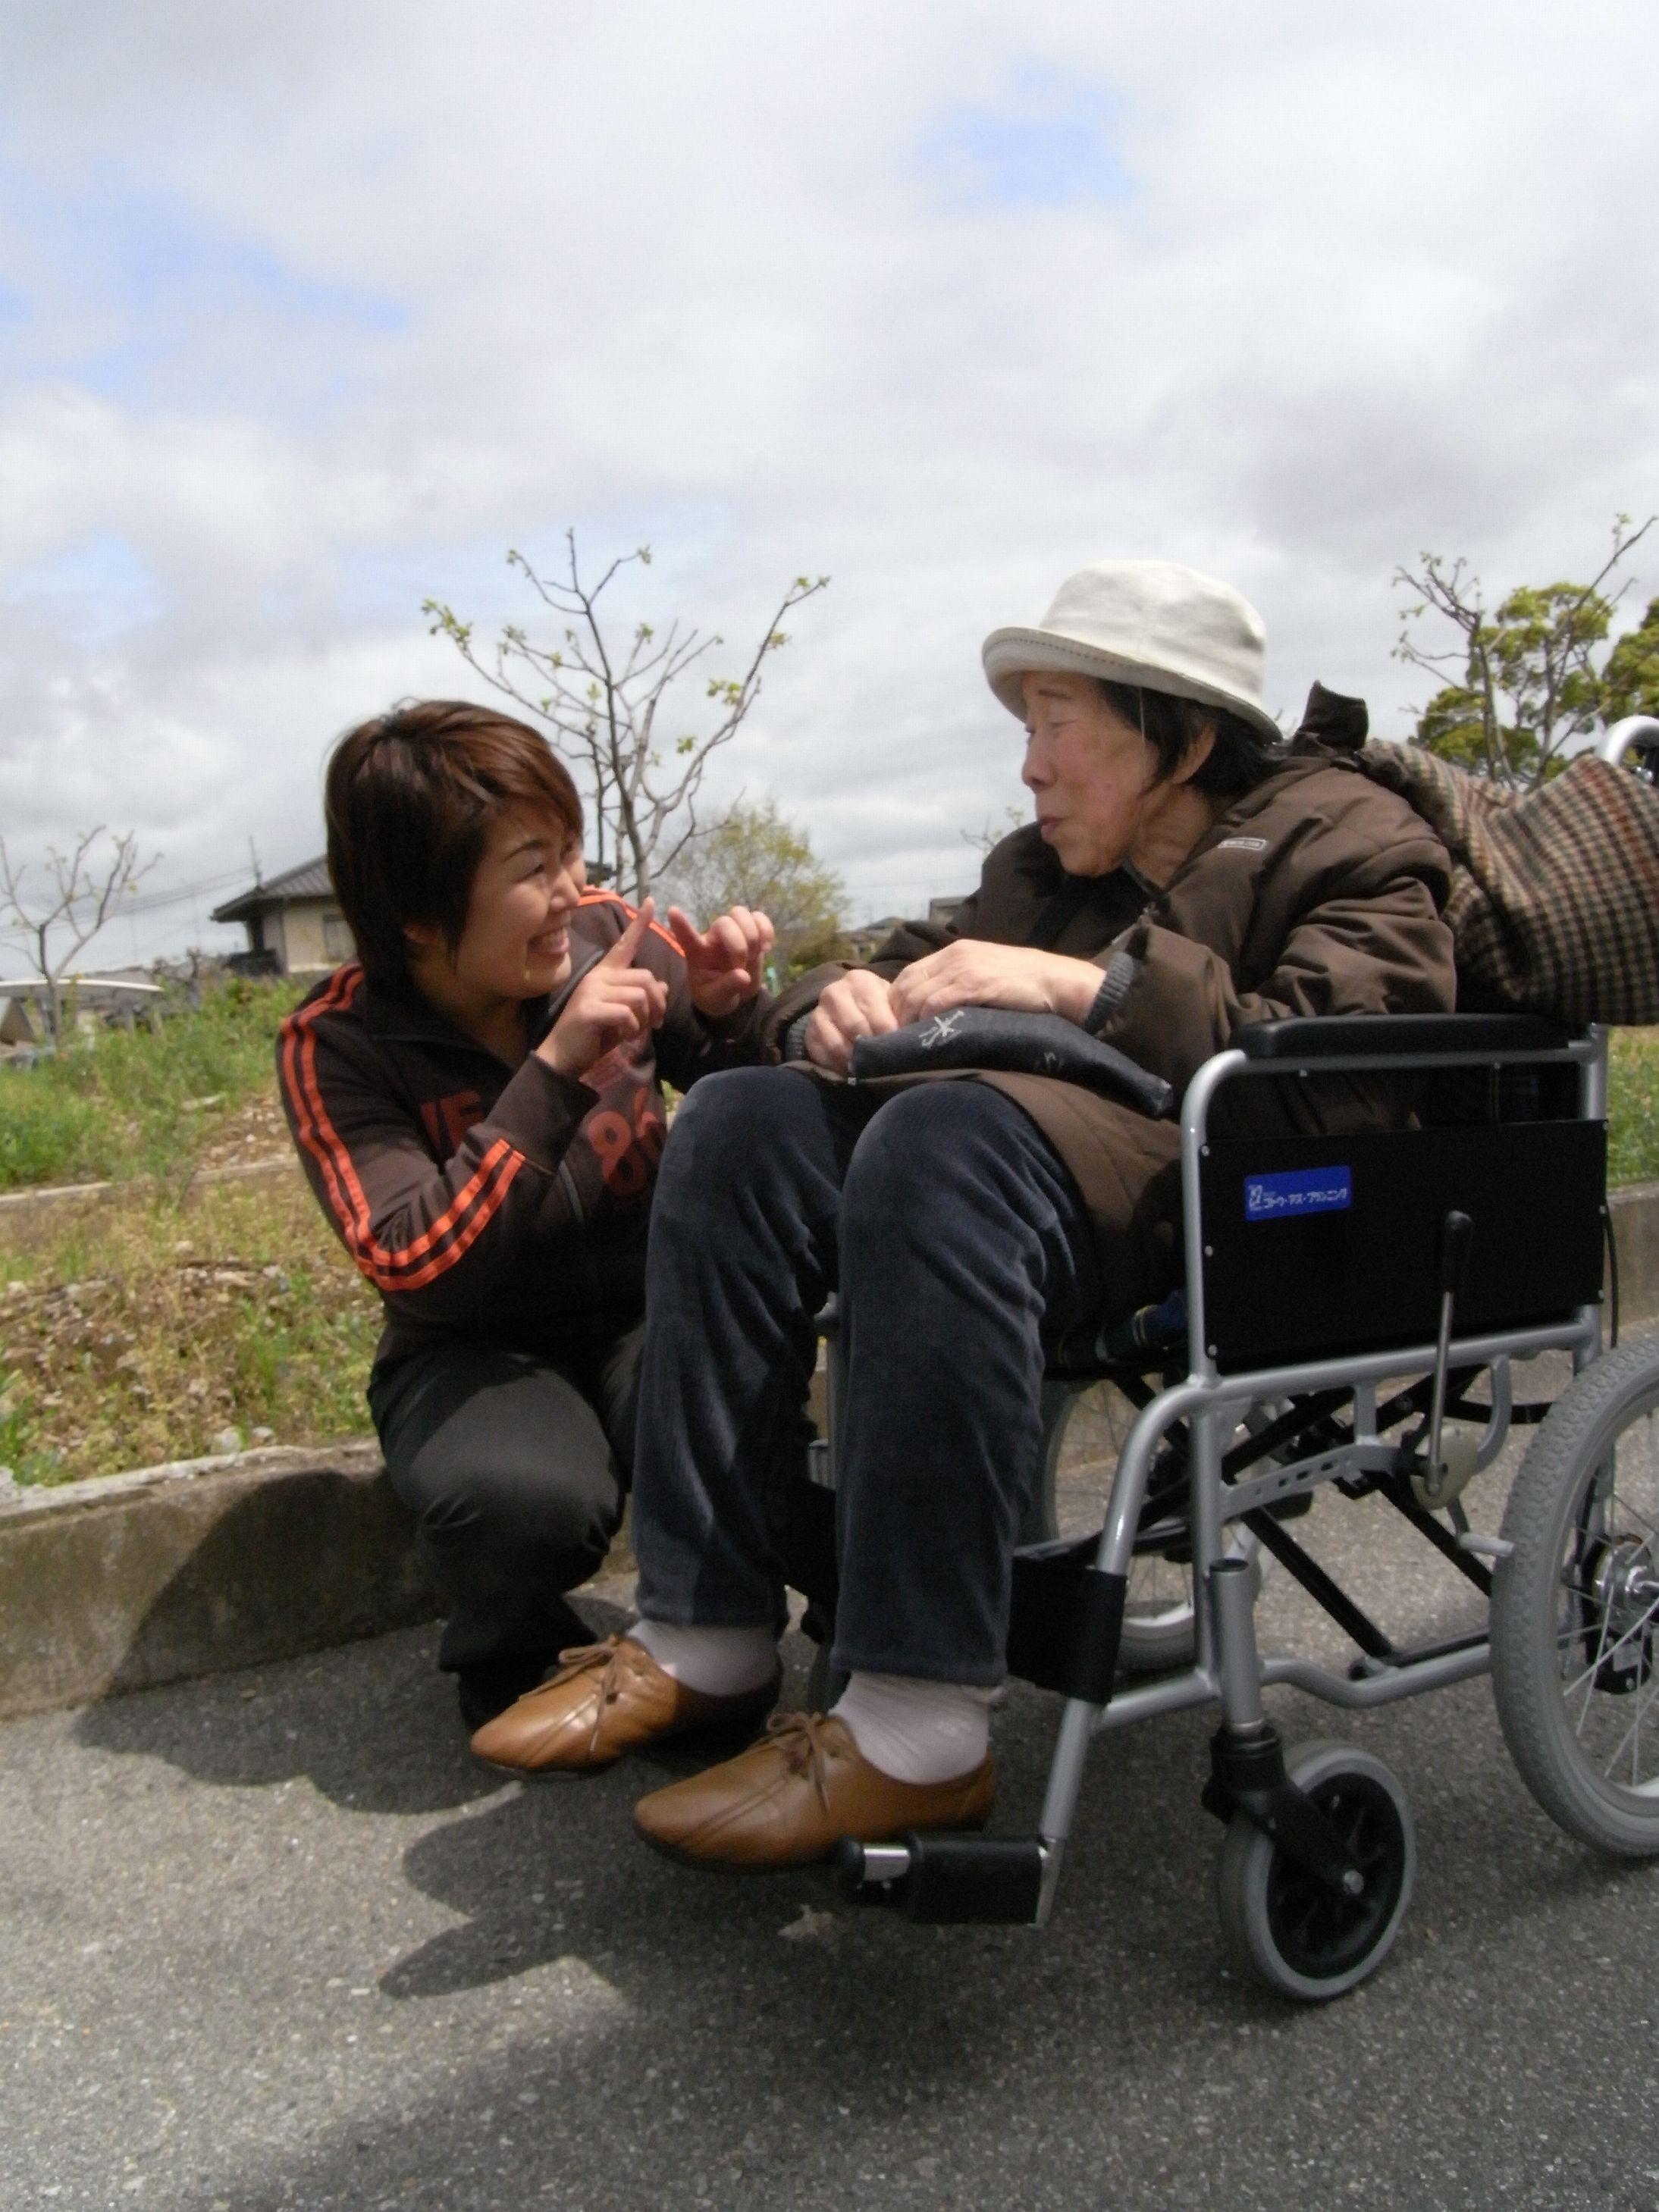 ひょうご聴覚障害者介護支援センター